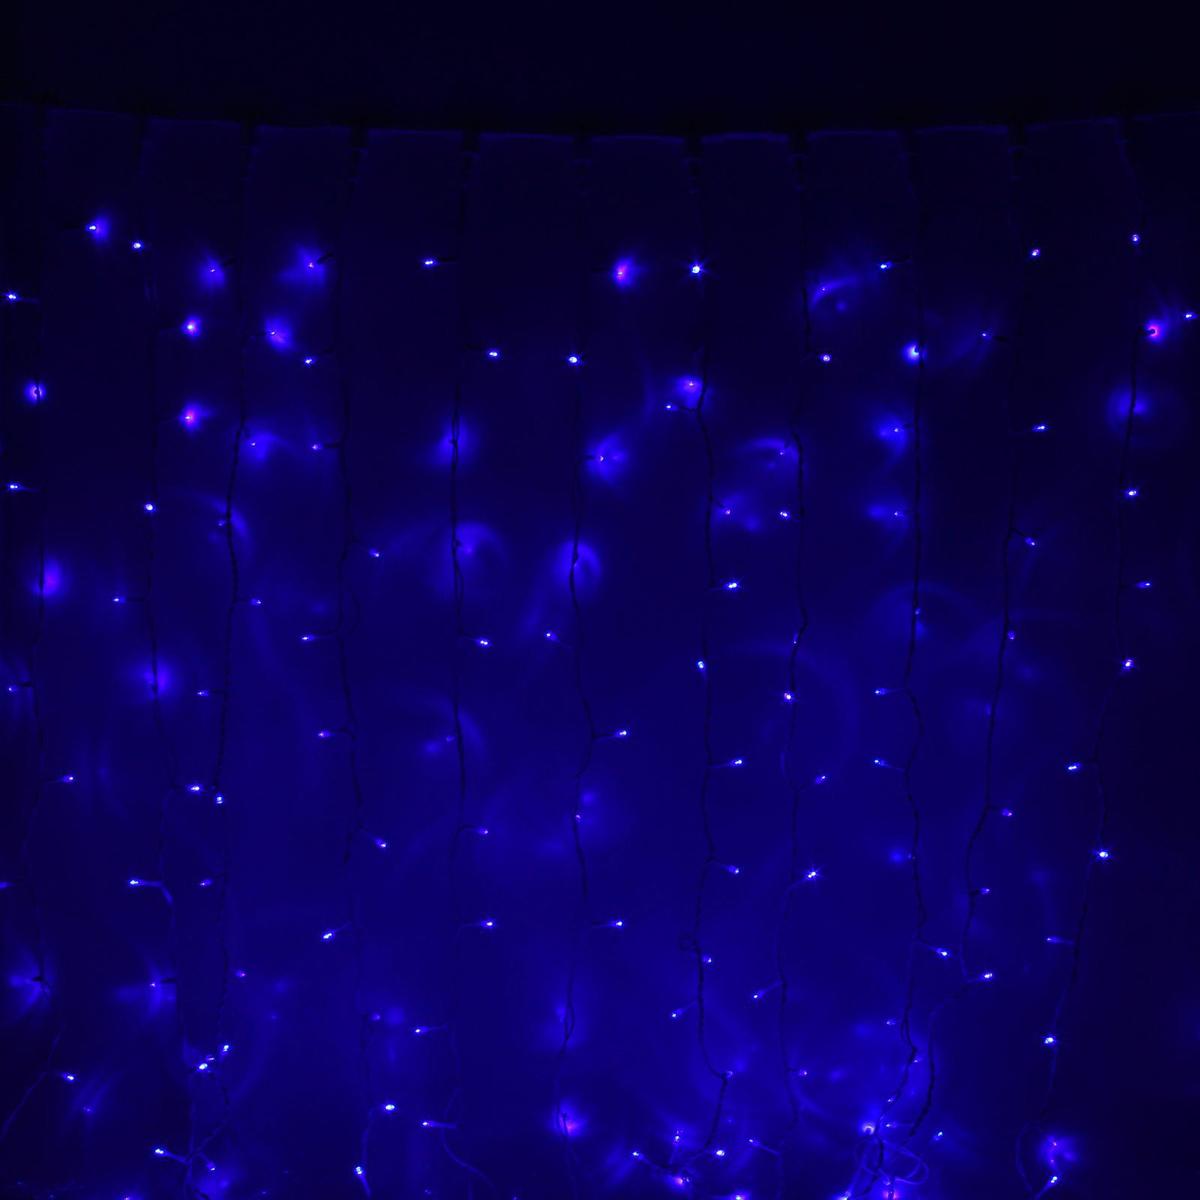 Гирлянда светодиодная Luazon Занавес, цвет: синий, уличная, 760 ламп, 220 V, 2 х 3 м. 10802111080211Гирлянда светодиодная Luazon Занавес - это отличный вариант для новогоднего оформления интерьера или фасада. С ее помощью помещение любого размера можно превратить в праздничный зал, а внешние элементы зданий, украшенные гирляндой, мгновенно станут напоминать очертания сказочного дворца. Такое украшение создаст ауру предвкушения чуда. Деревья, фасады, витрины, окна и арки будто специально созданы, чтобы вы украсили их светящимися нитями.